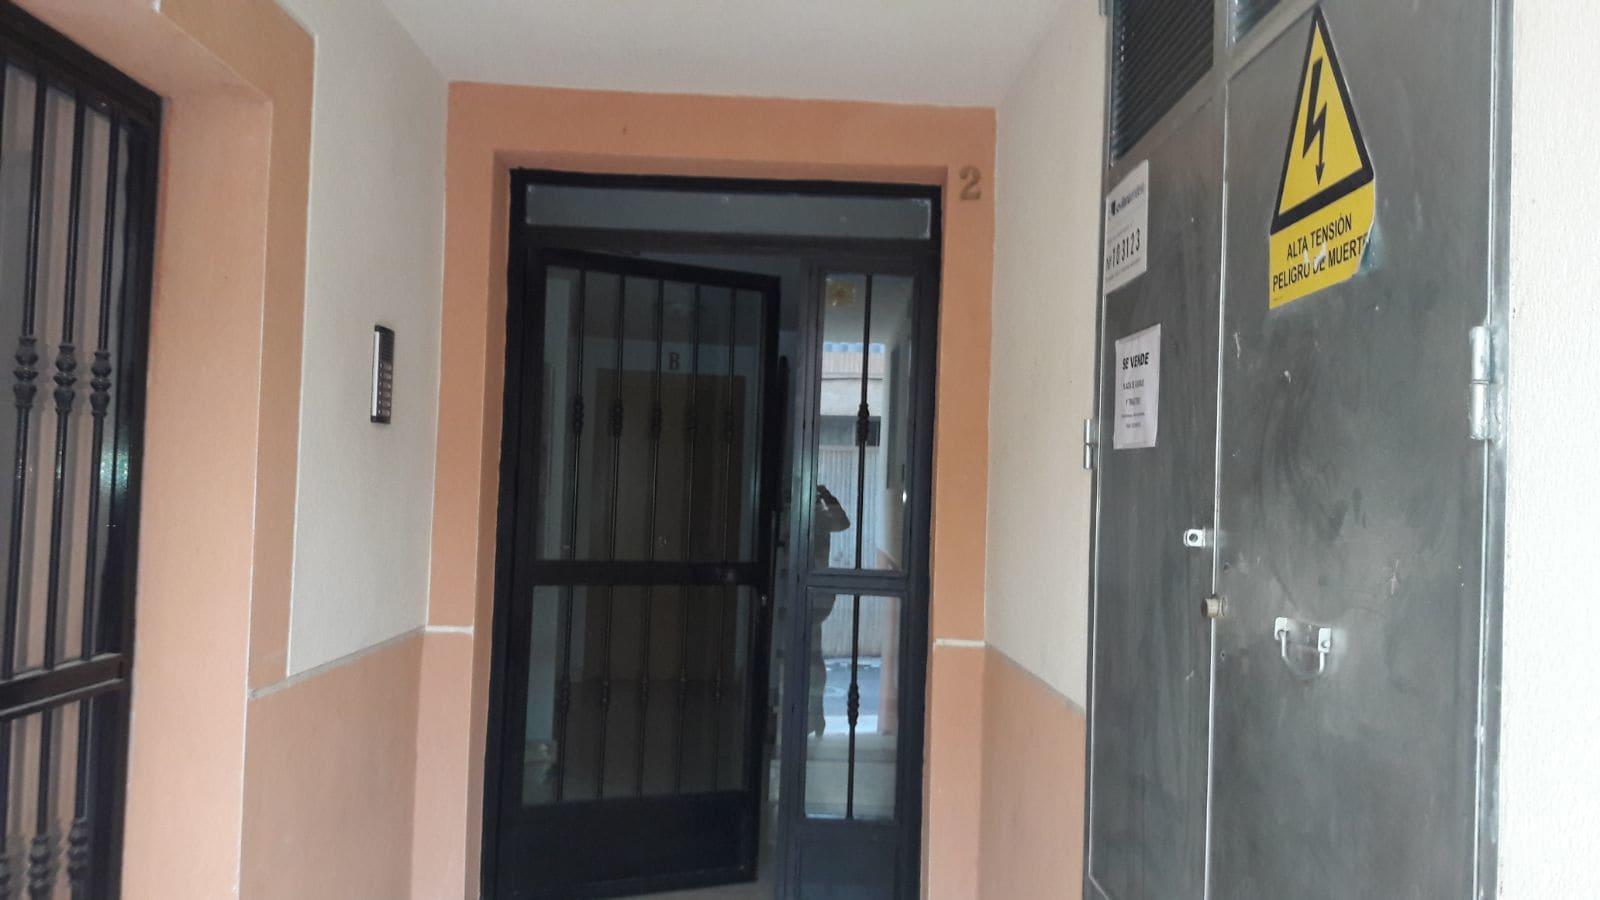 Piso en venta en Olula del Río, Almería, Calle Fines, 69.800 €, 3 habitaciones, 2 baños, 95 m2